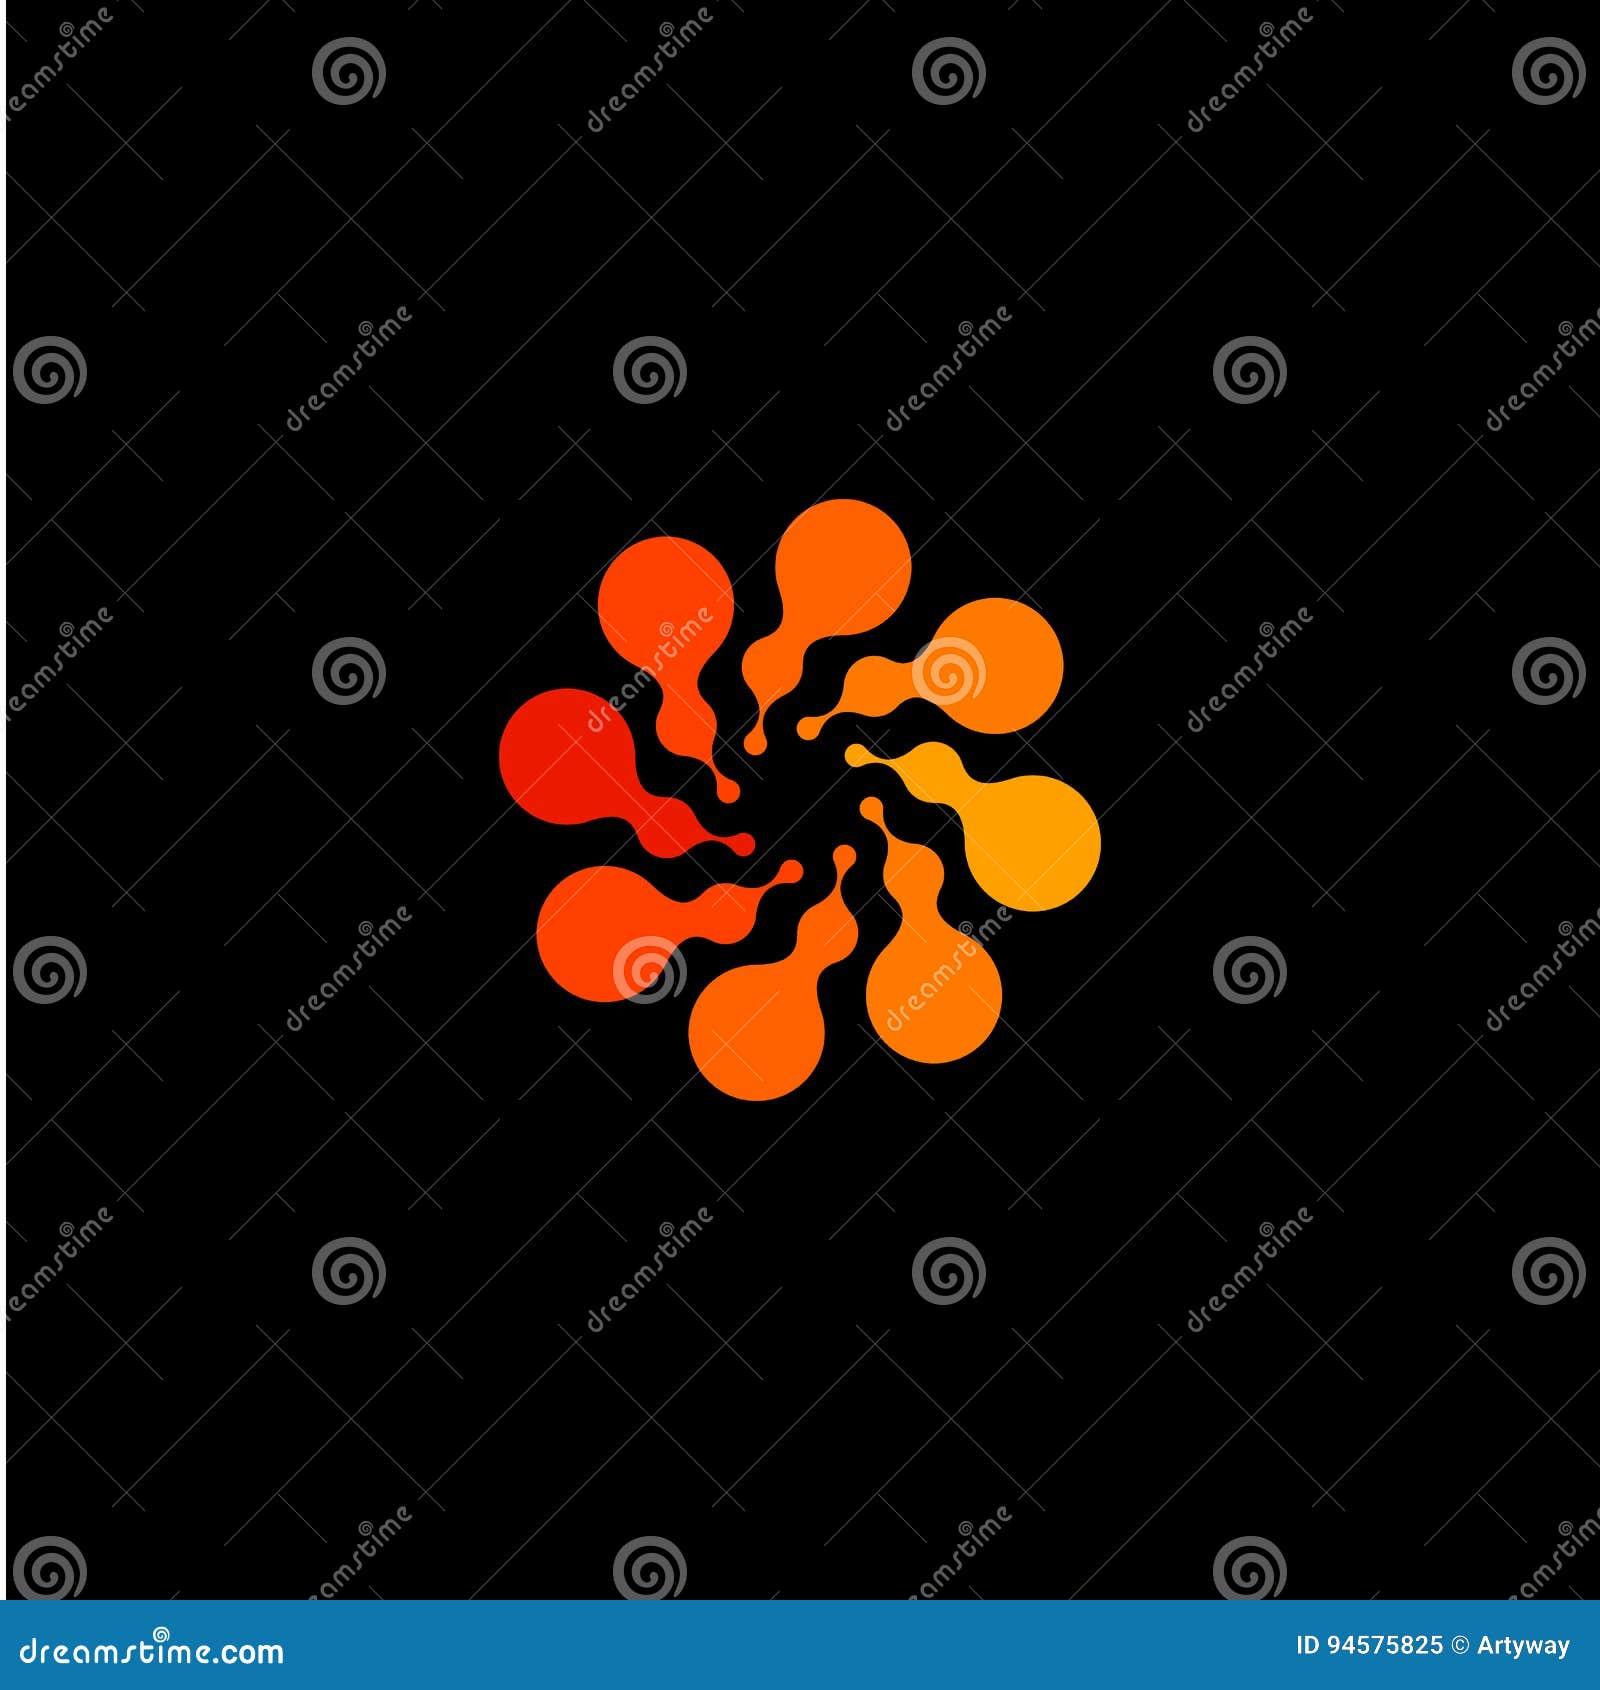 被隔绝的抽象圆形橙色颜色商标,在黑背景,漩涡传染媒介的被加点的风格化太阳略写法